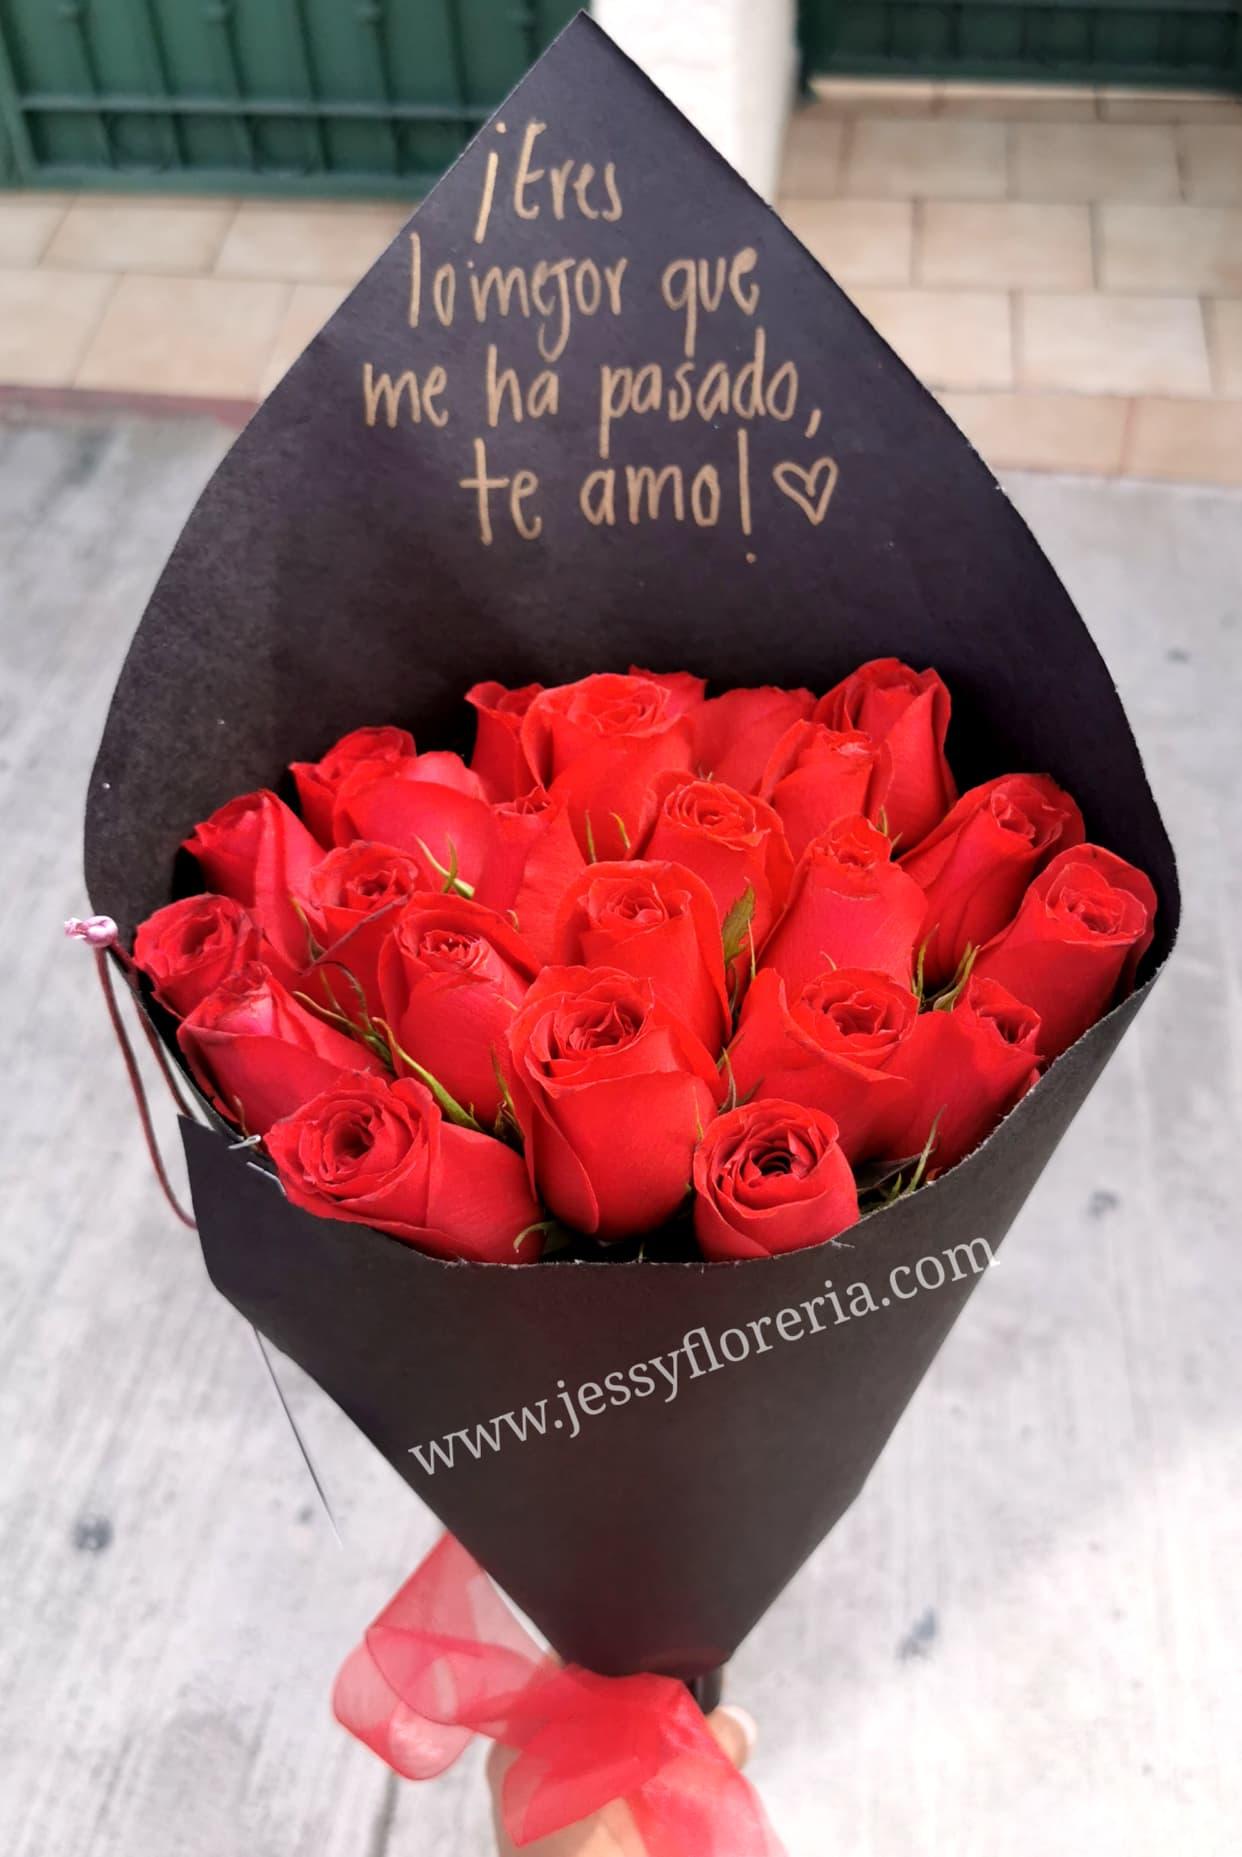 Ramo Redondo De 24 Rosas Rojas Envíos Gratis Mismo Día 2 A 4 Hrs